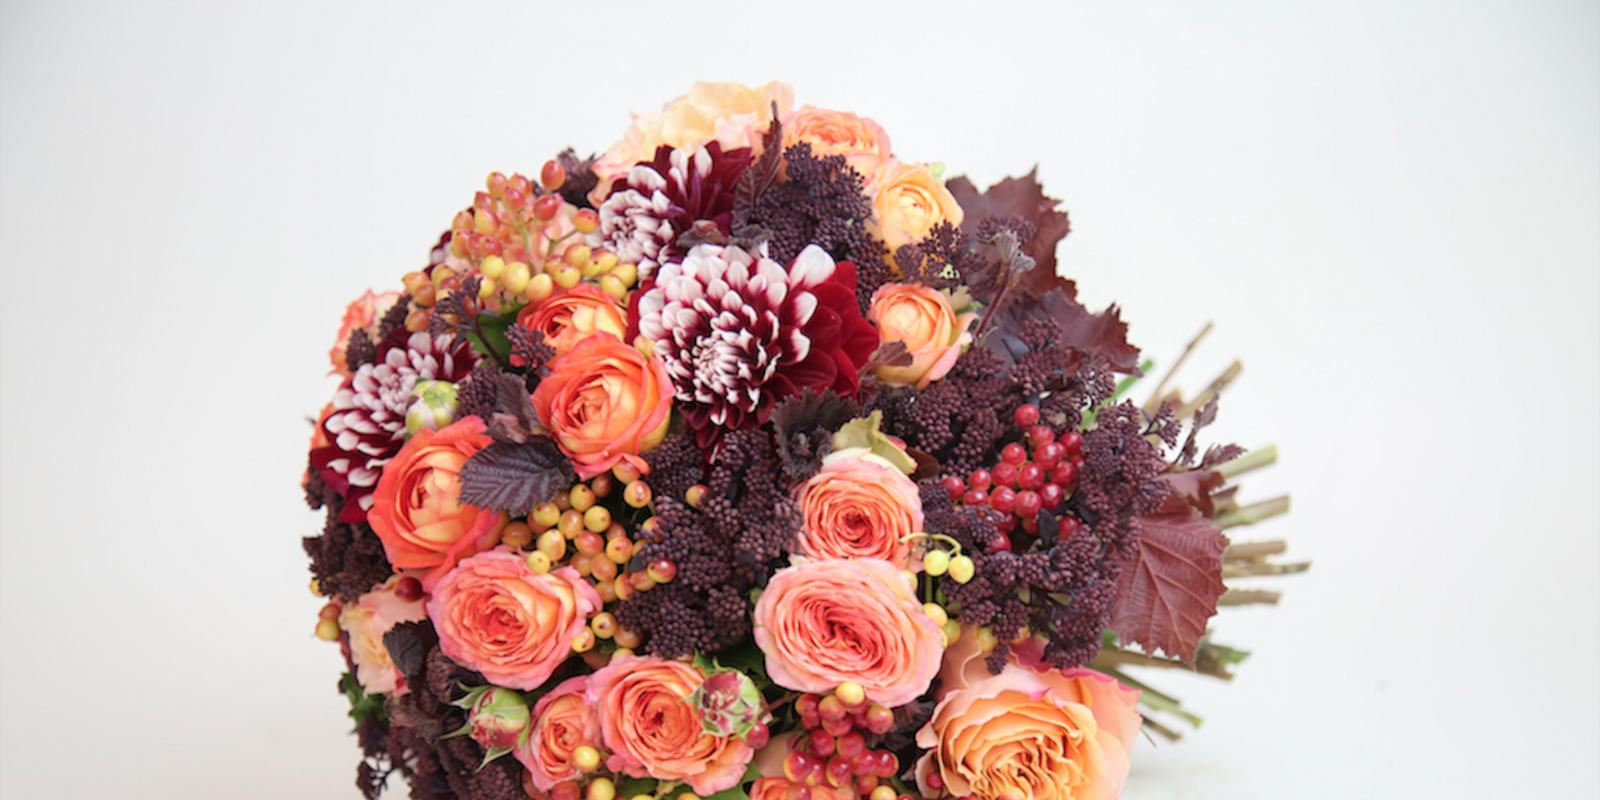 Fiori e matrimonio i bouquet pi belli for I gioielli piu belli del mondo